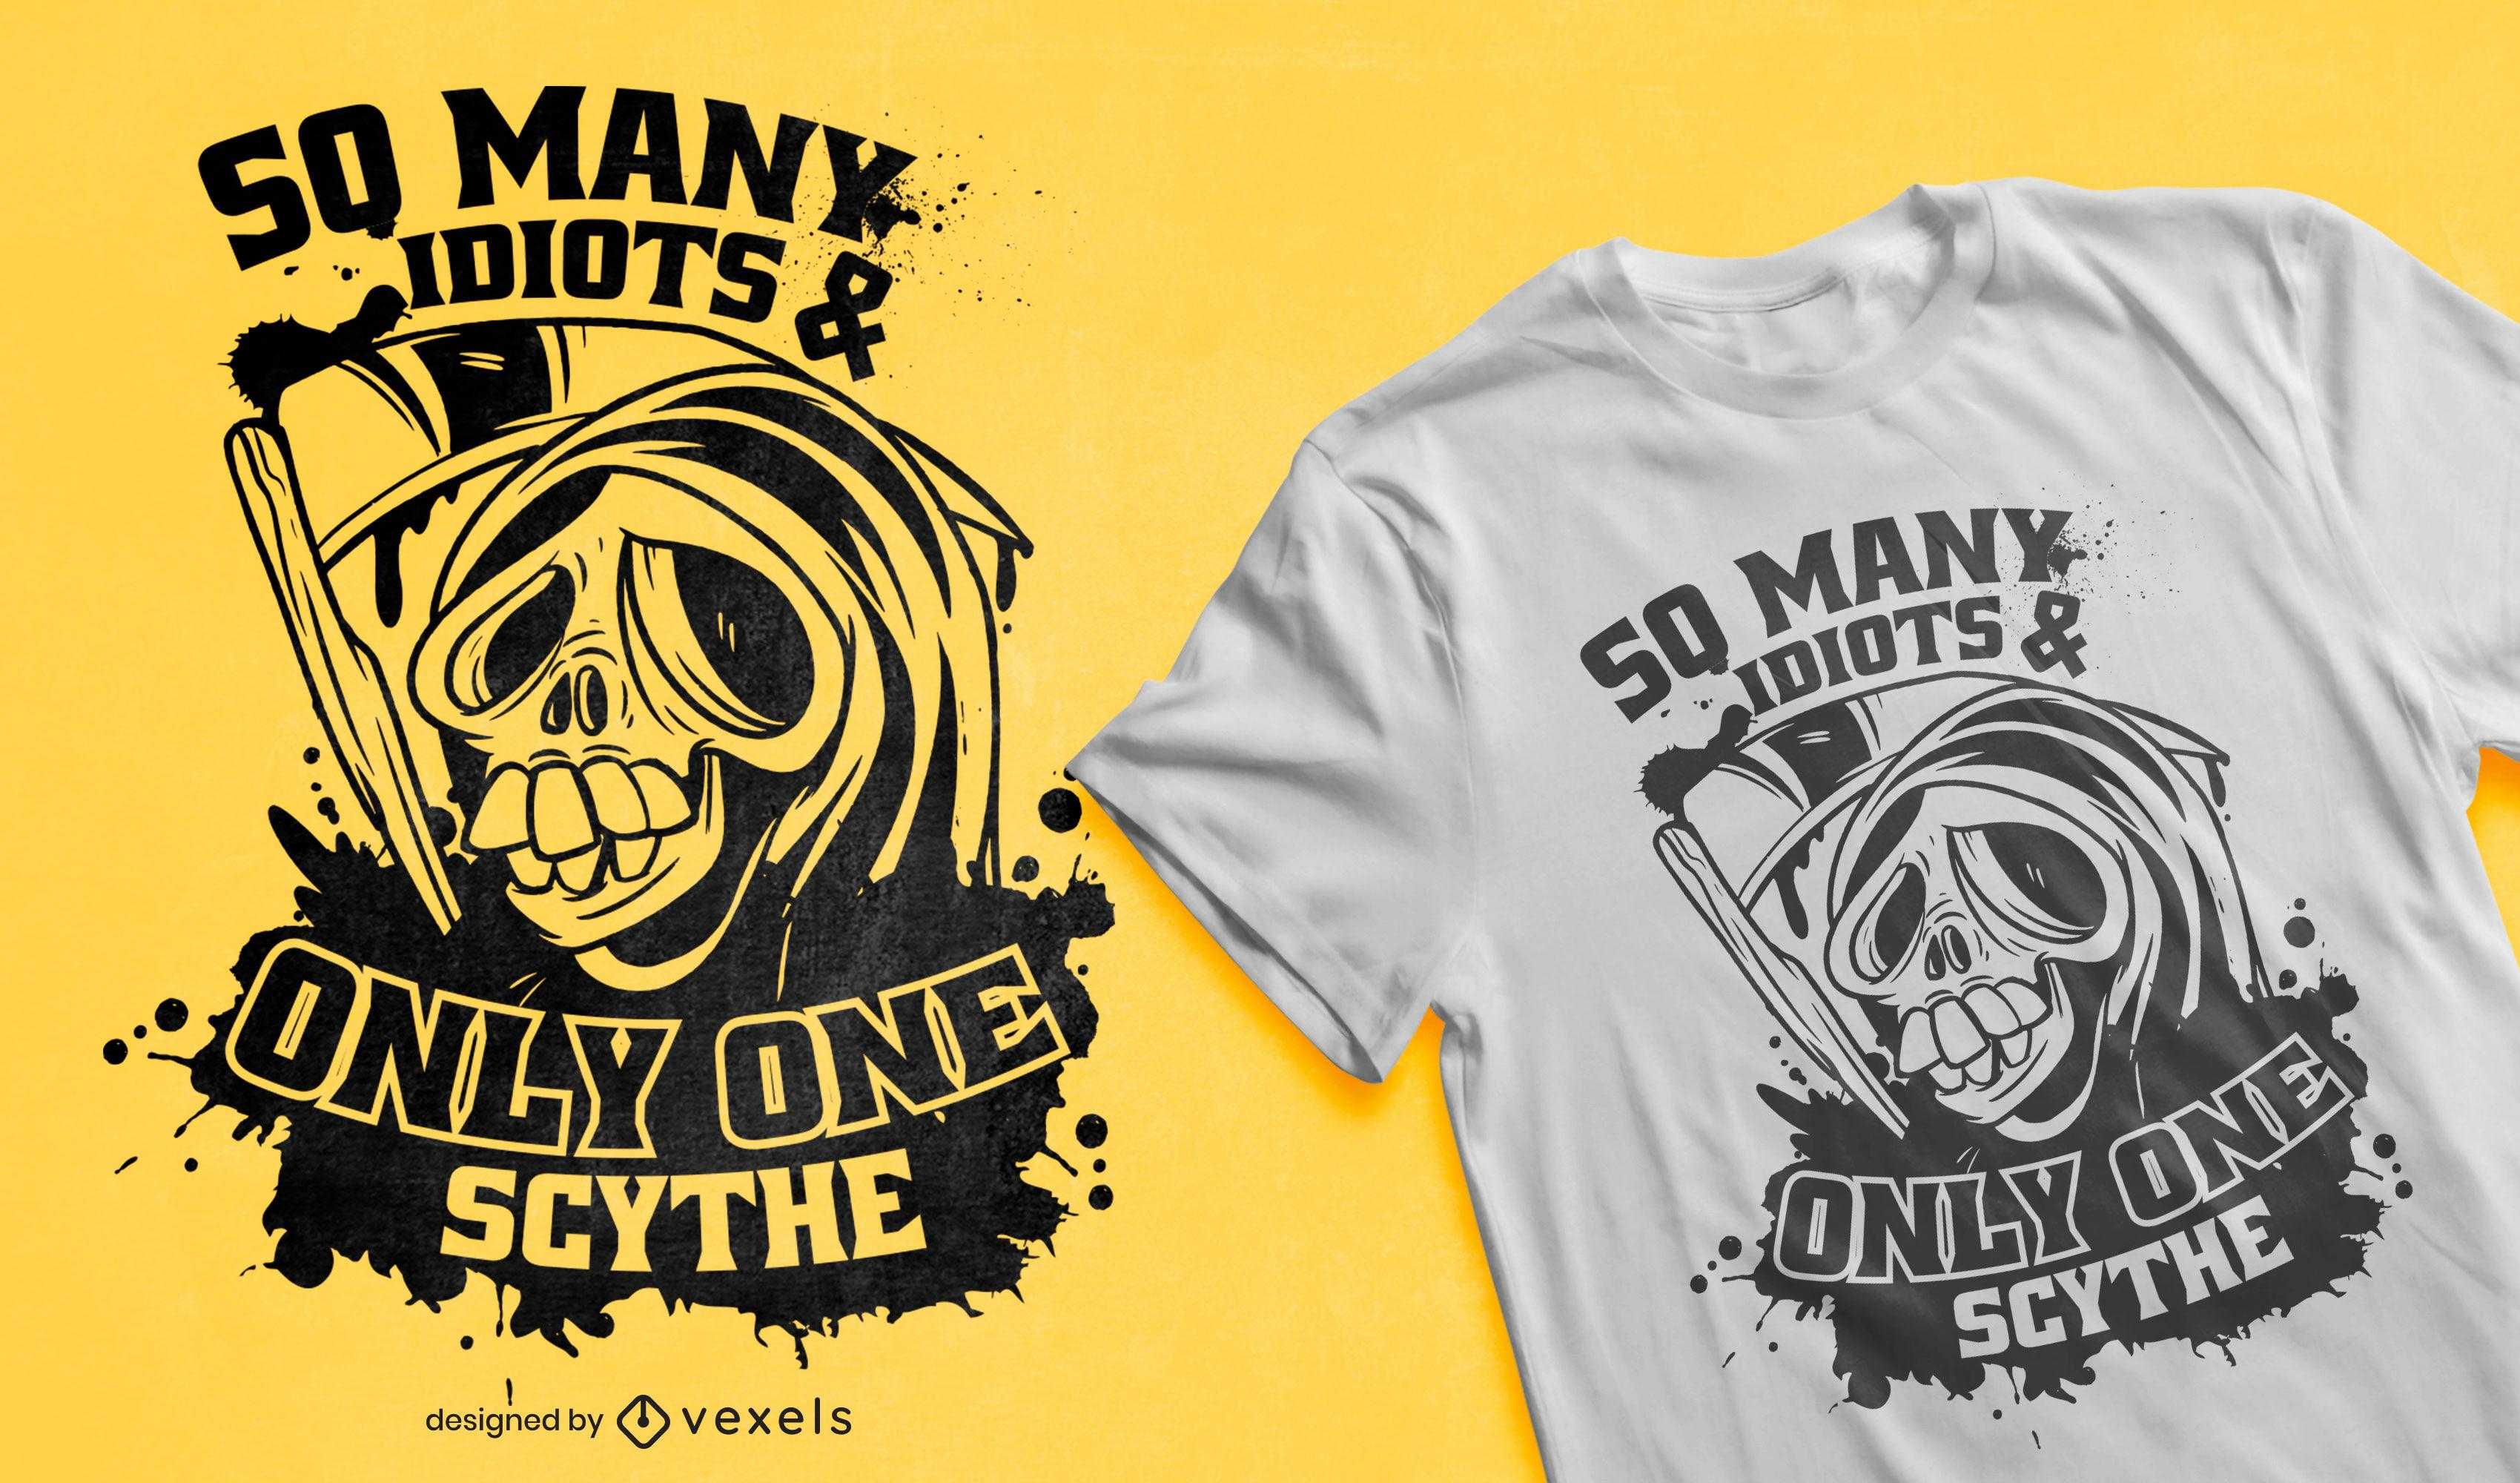 Desenho de t-shirt com citação engraçada sobre a morte dos desenhos animados